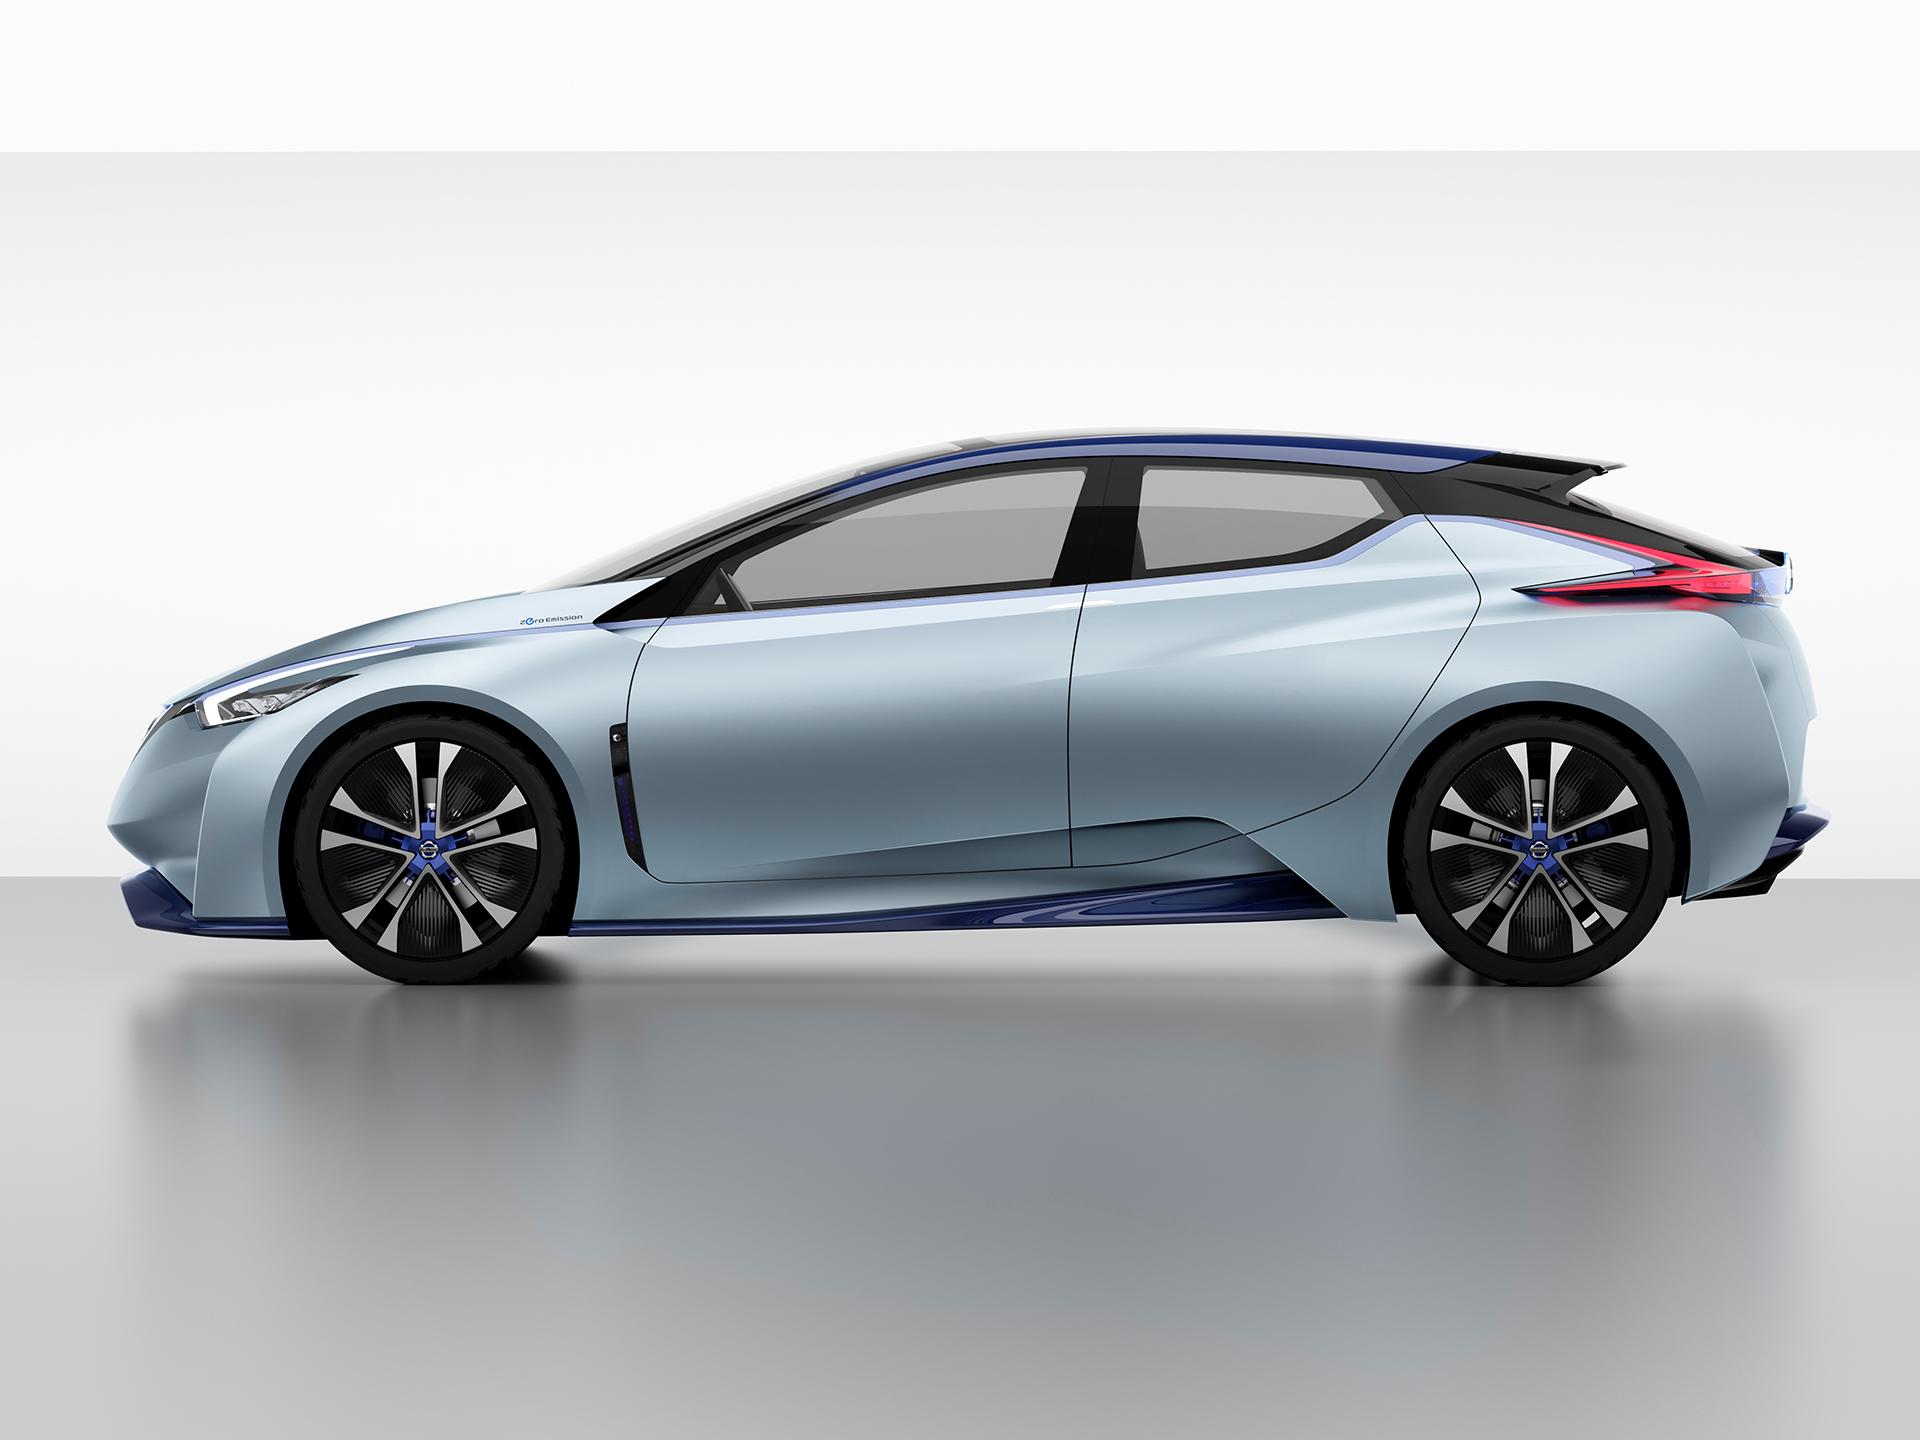 Nissan IDS Concept - profil / side-face